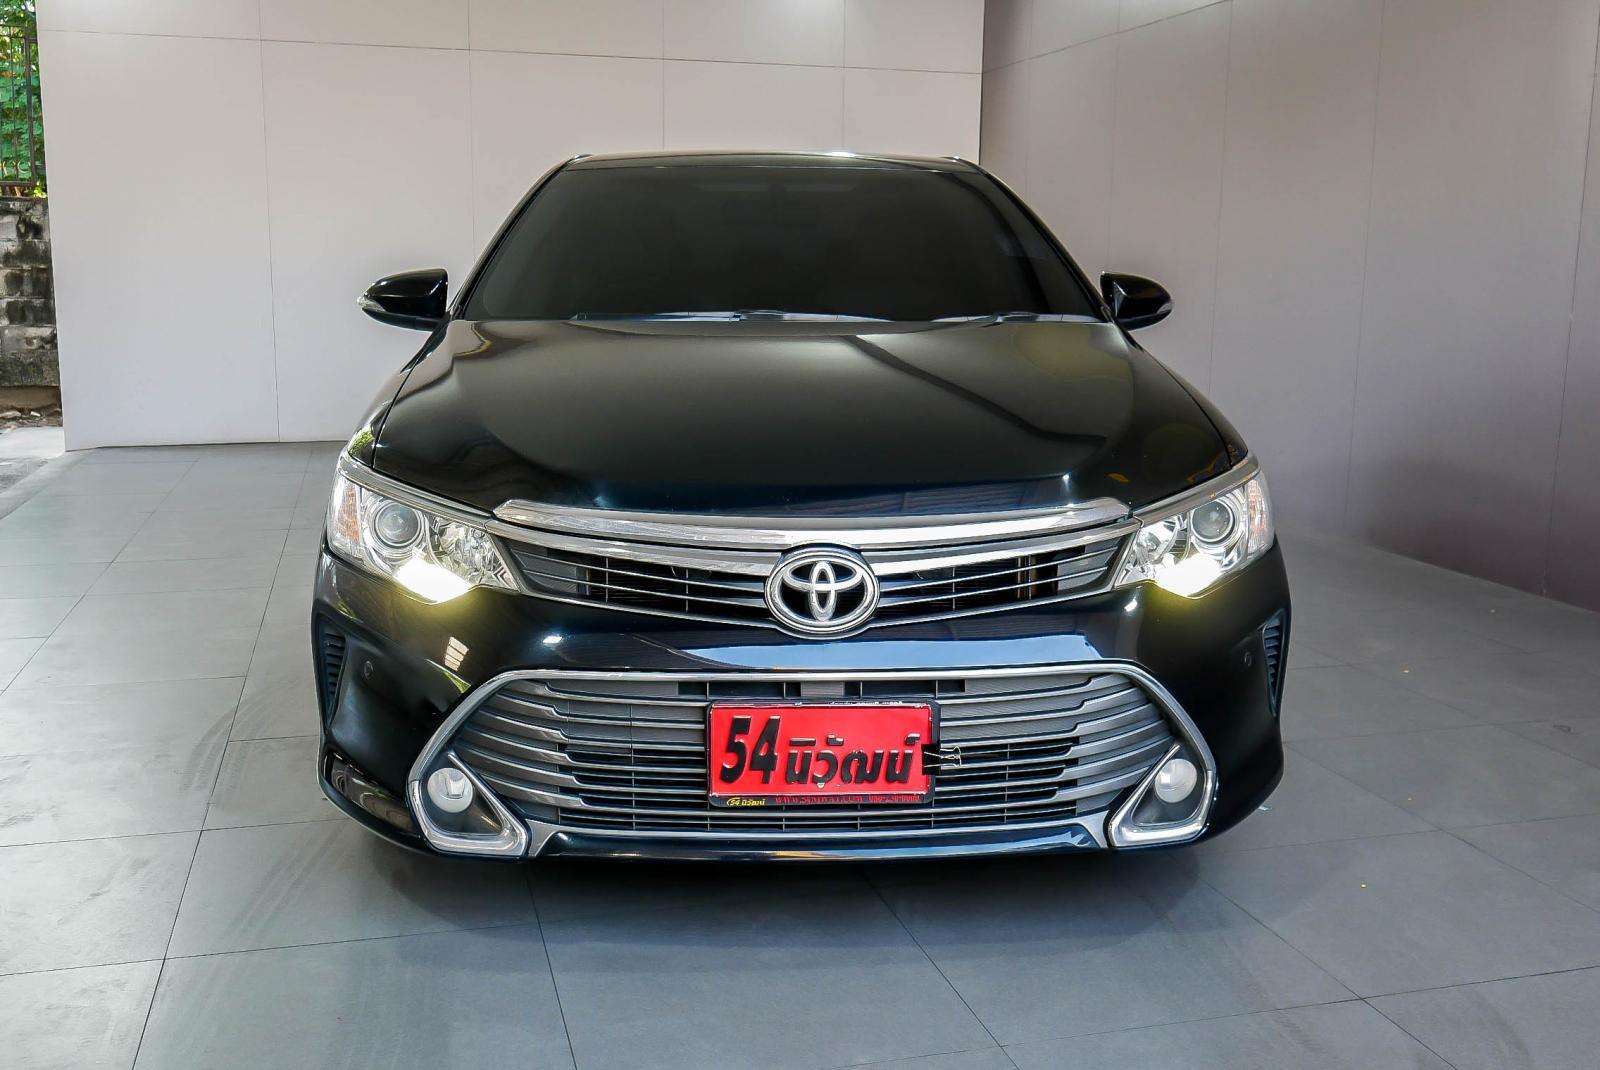 ขายรถ Toyota CAMRY 2.0 G 2015 รถเก๋ง 4 ประตู